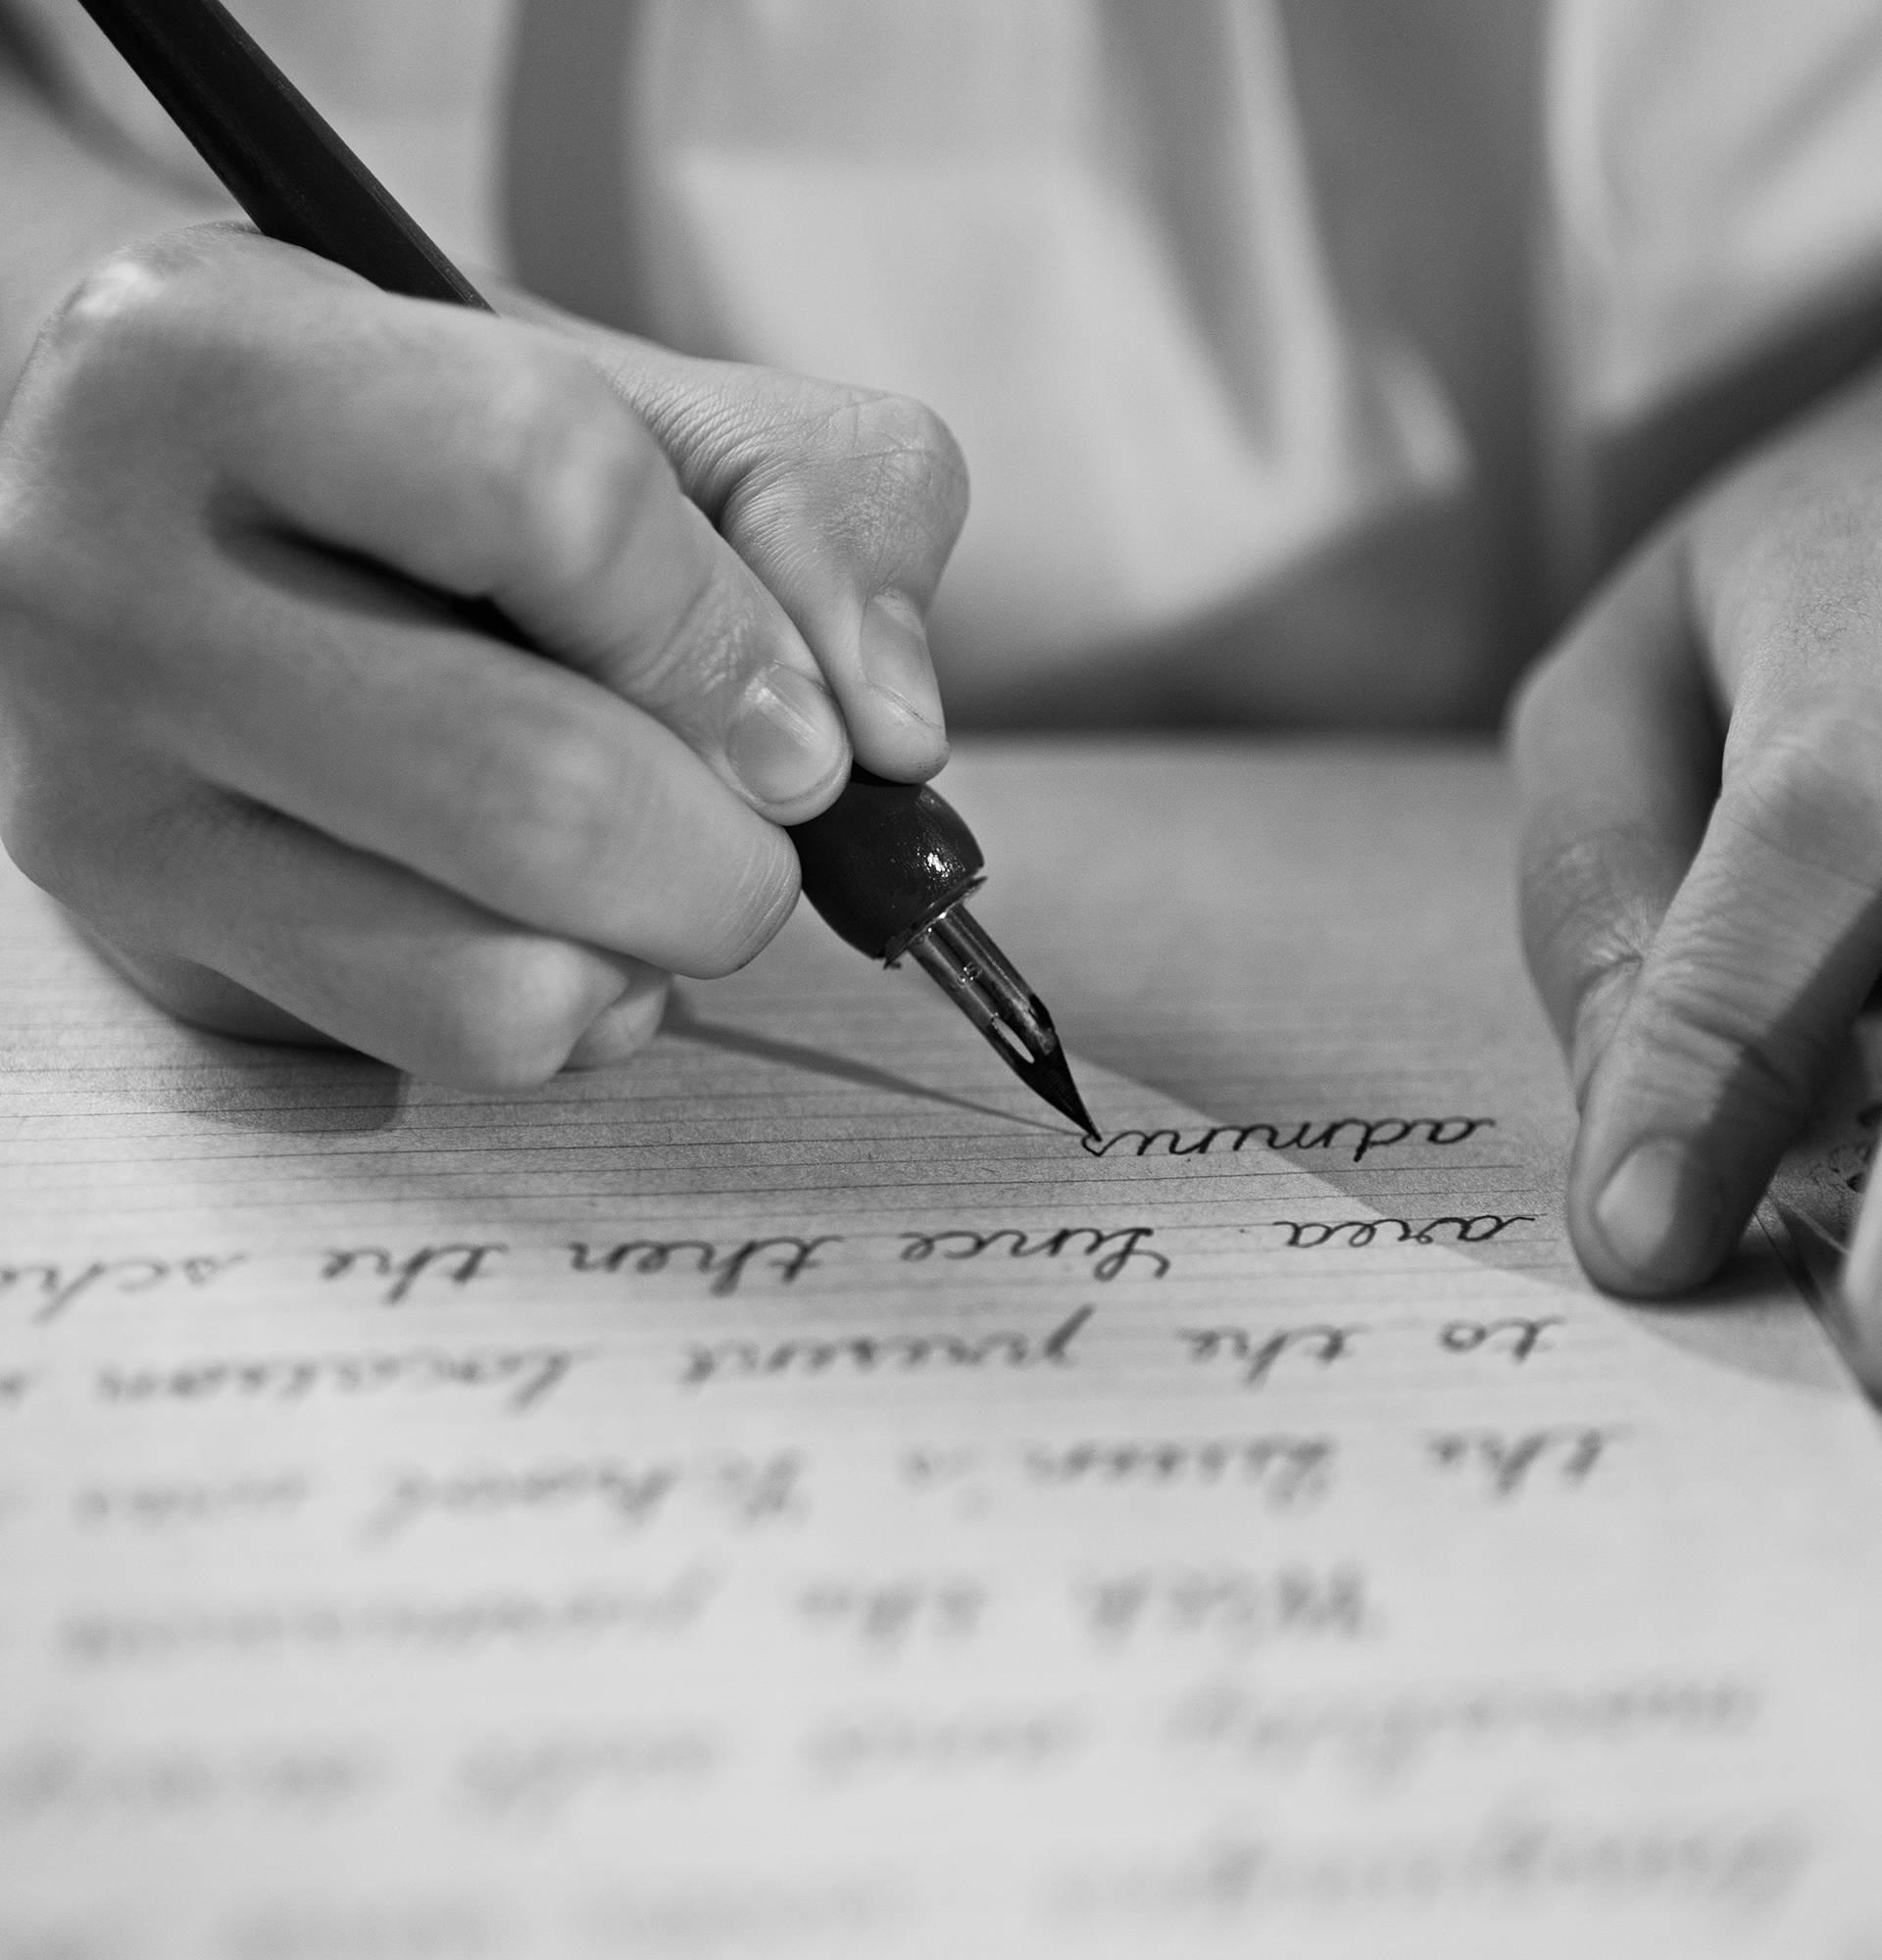 Ako želite biti pametniji i imati bolje pamćenje - pišite rukom